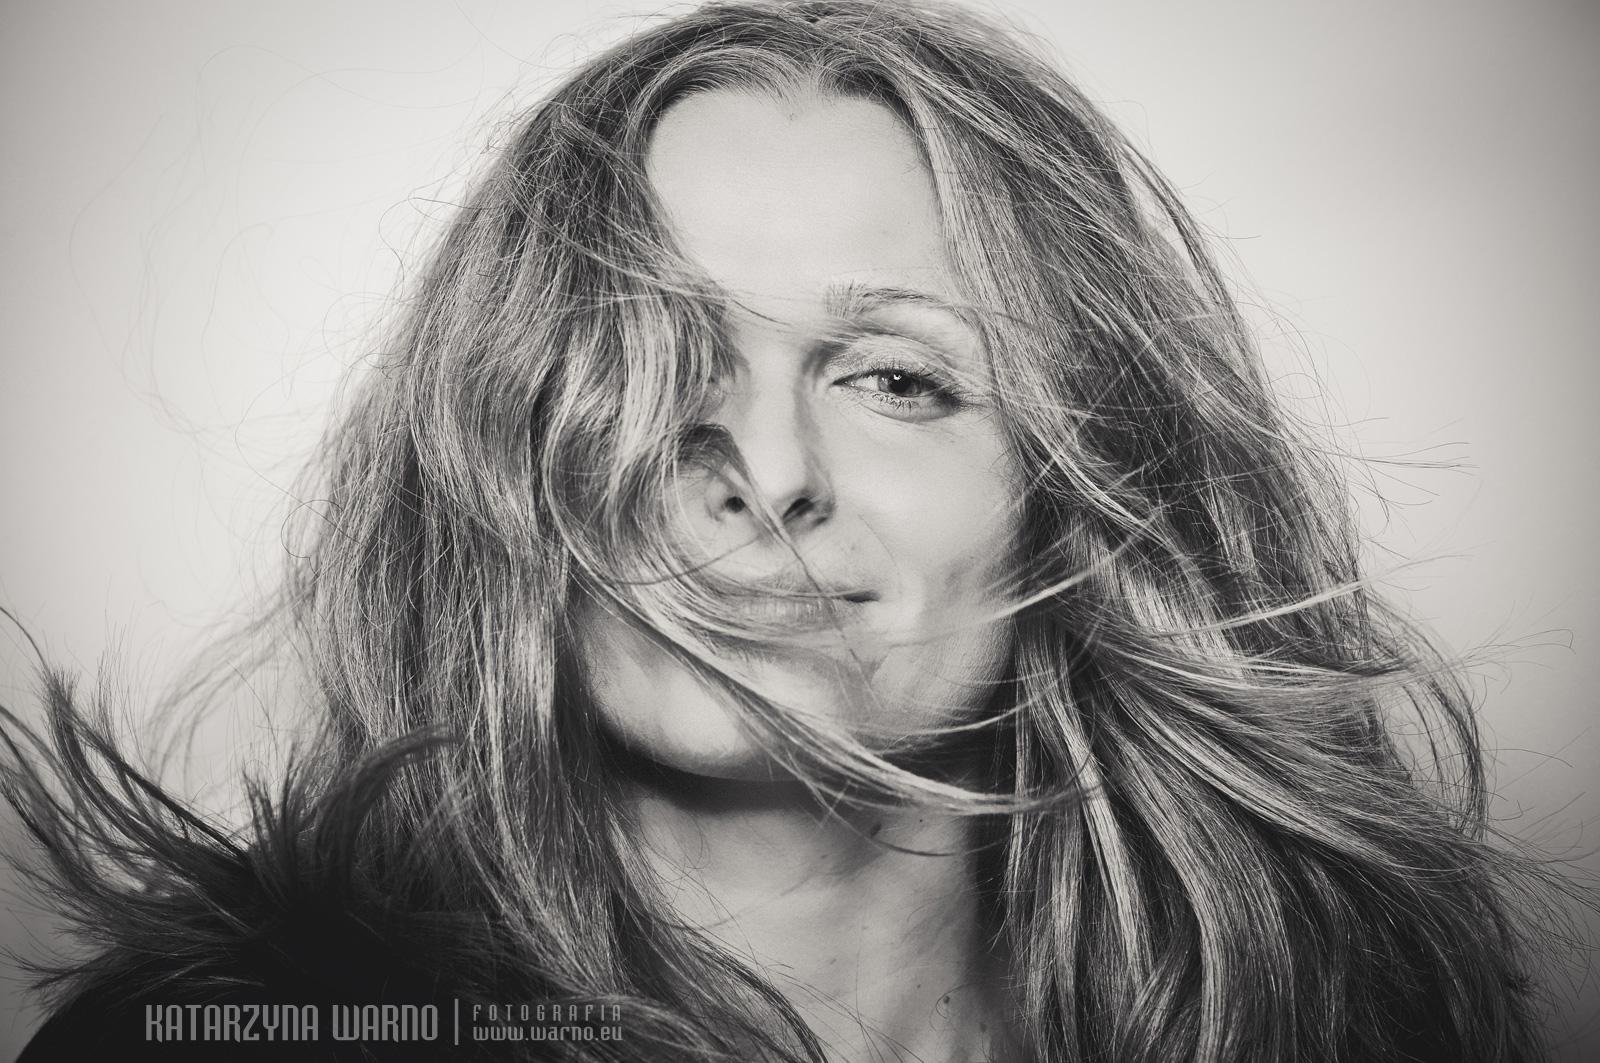 Elżbieta Wróblewska | śpiewaczka | fot. Katarzyna Warno